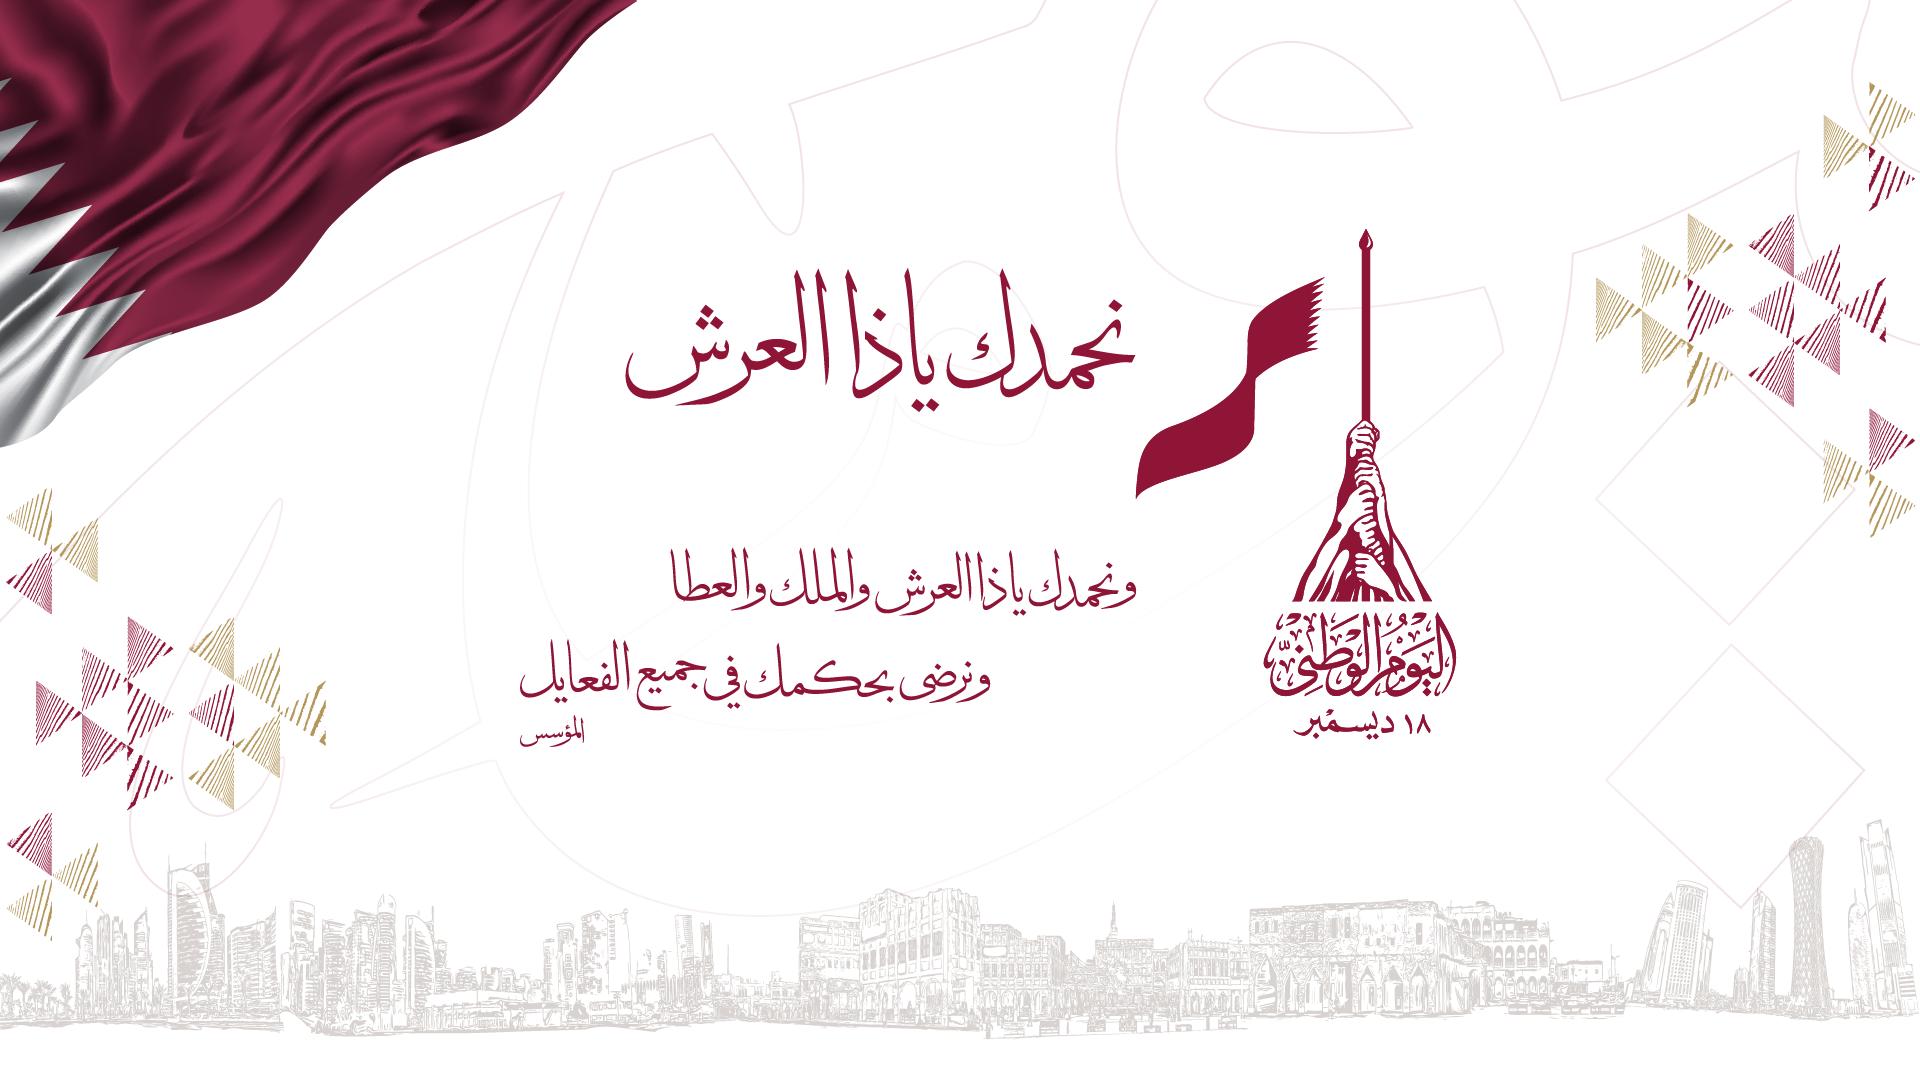 Qatar National Day 2020